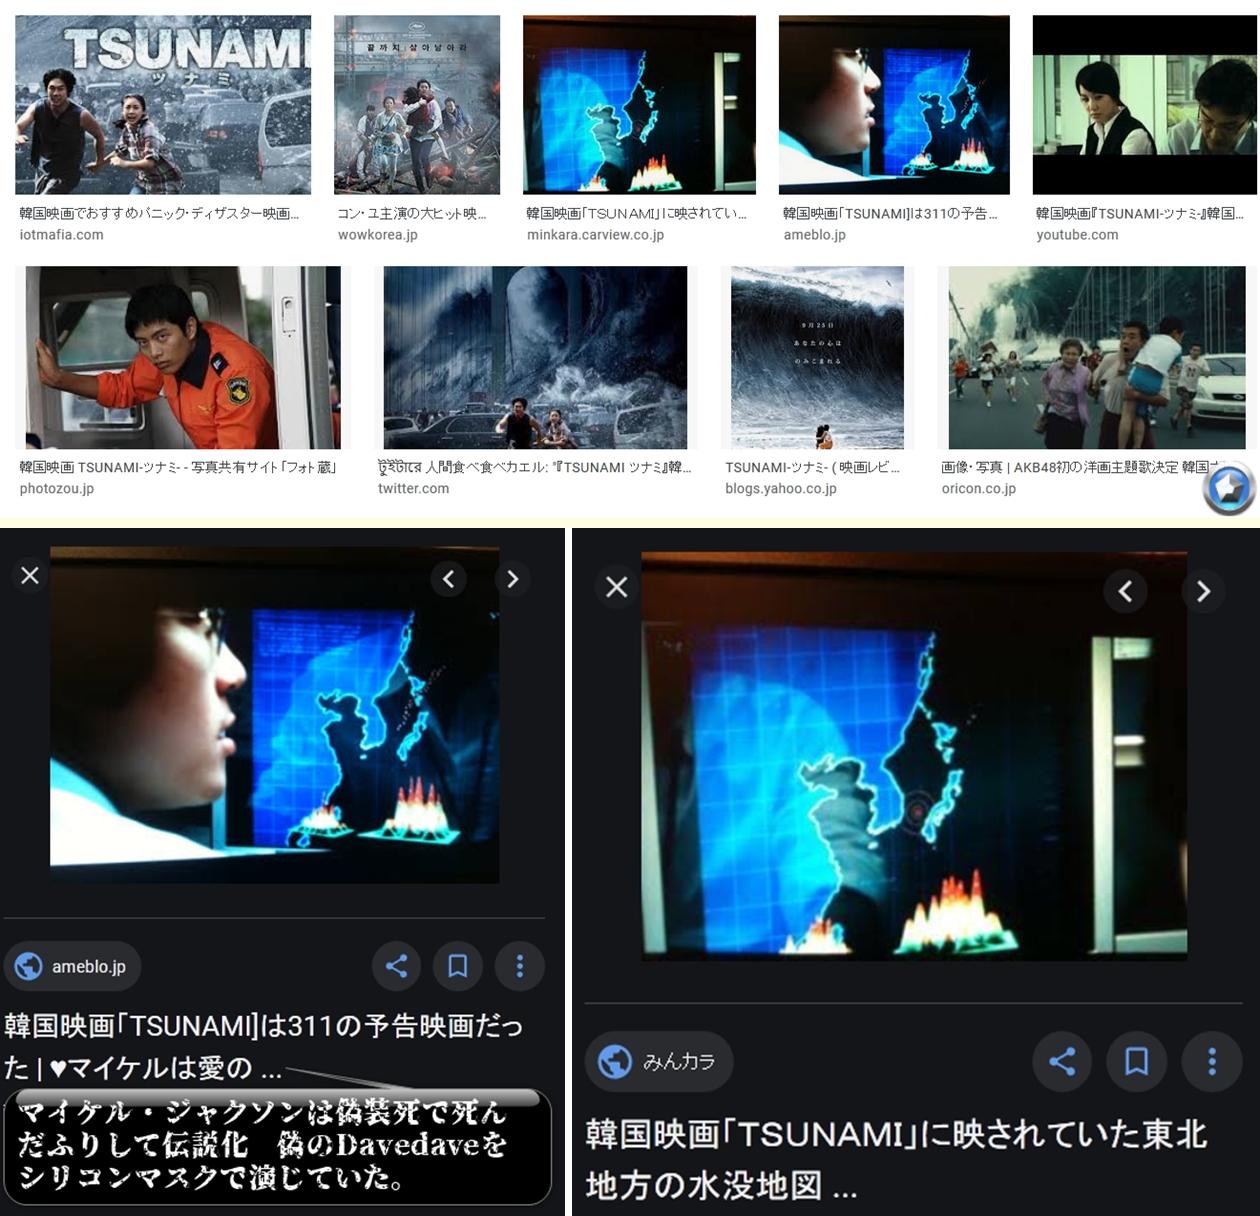 韓国映画TSUNAMIで事前に311の予告のような部分が、東北全体がない画像